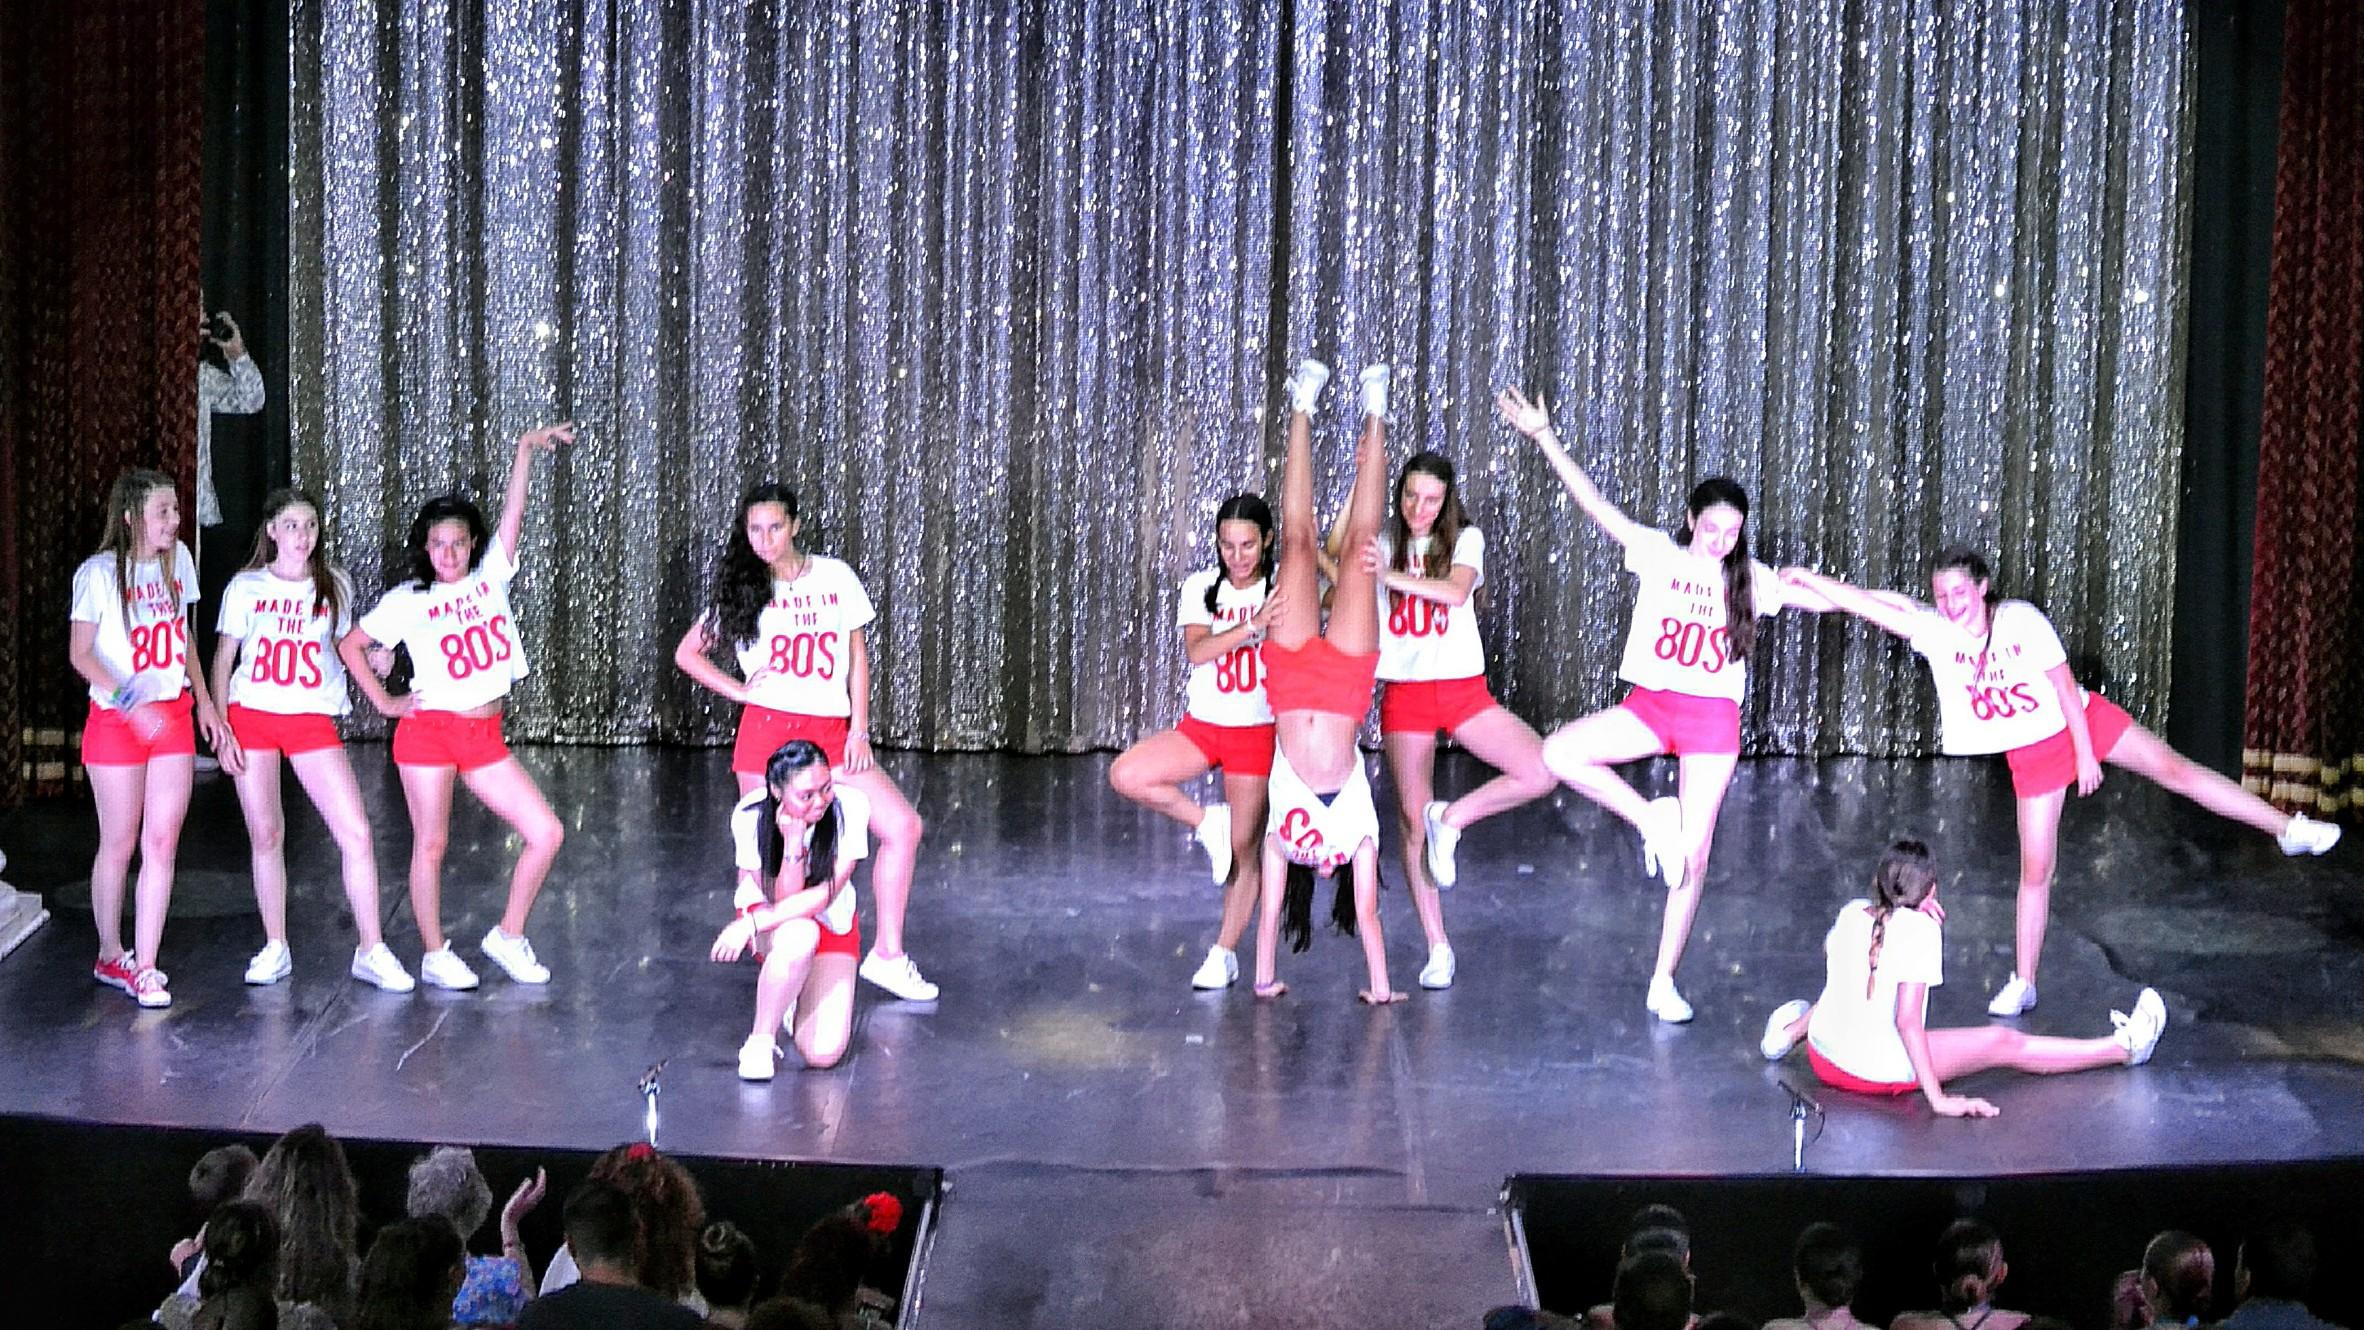 Linea-de-Baile-festival-verano-2015-clases-de-baile-valencia-92